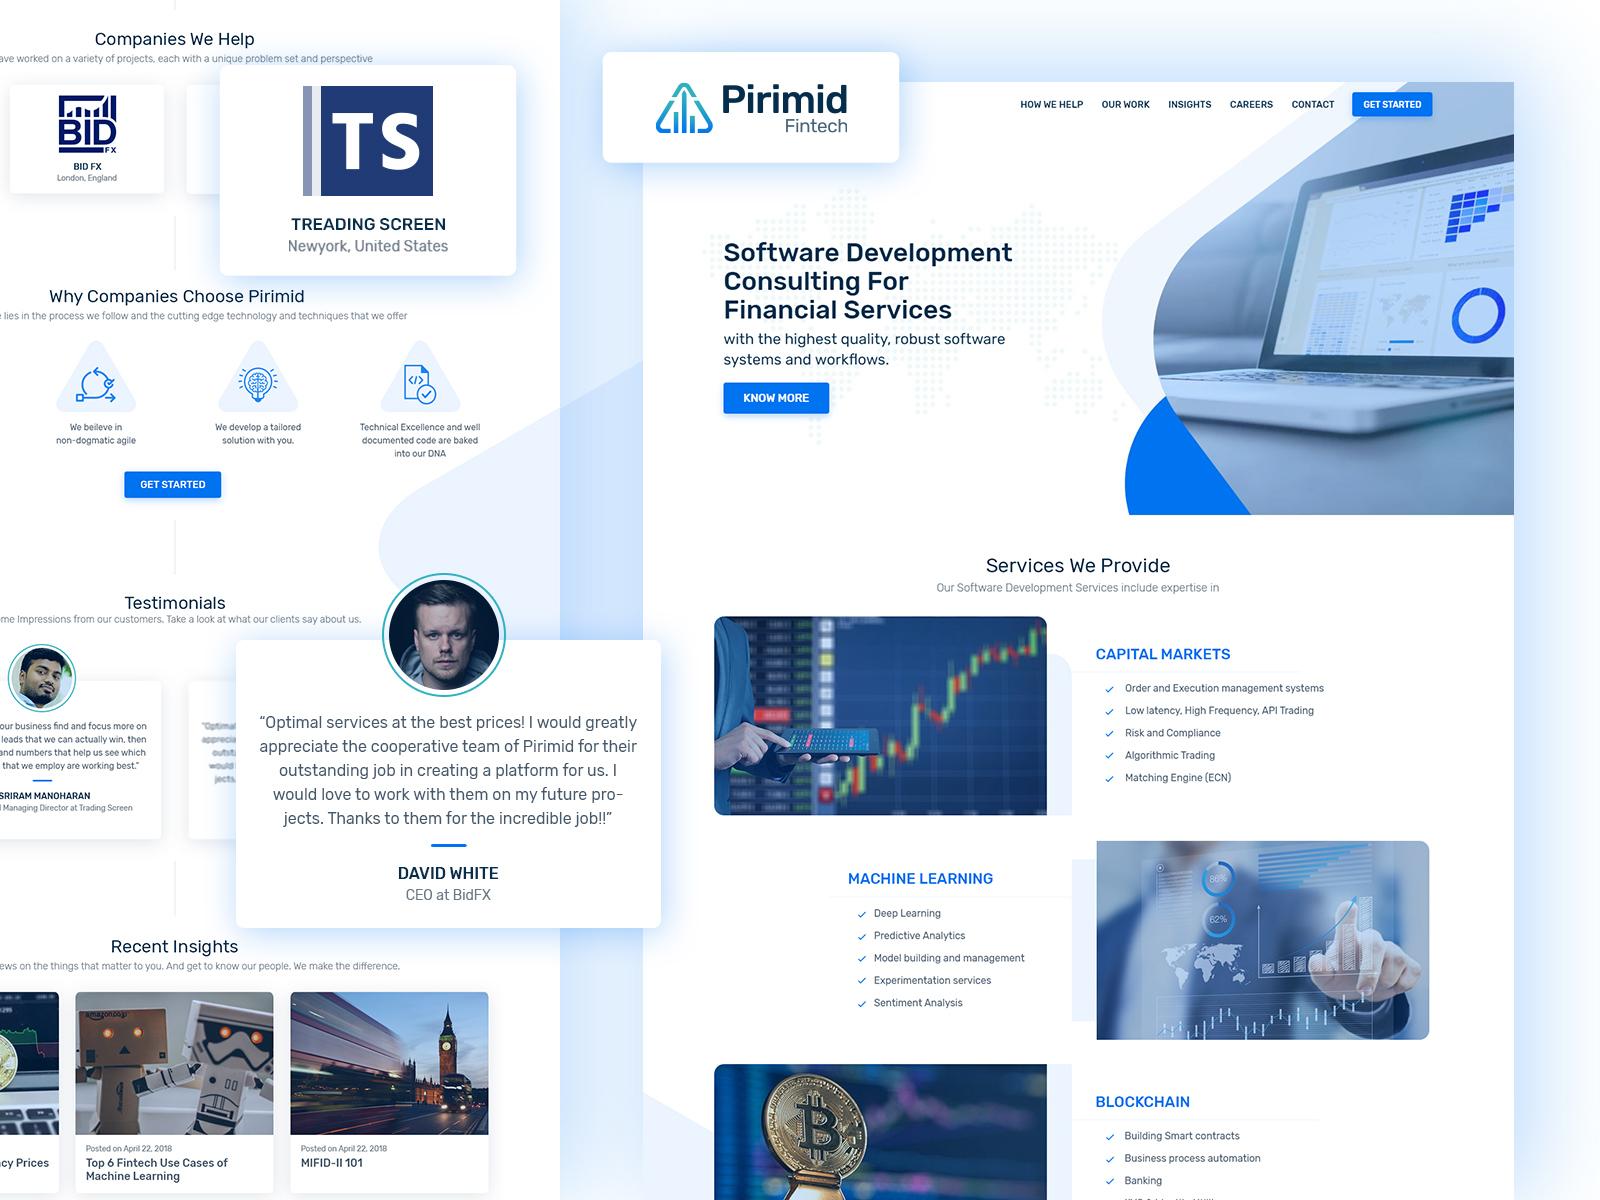 Pirimid fintech web